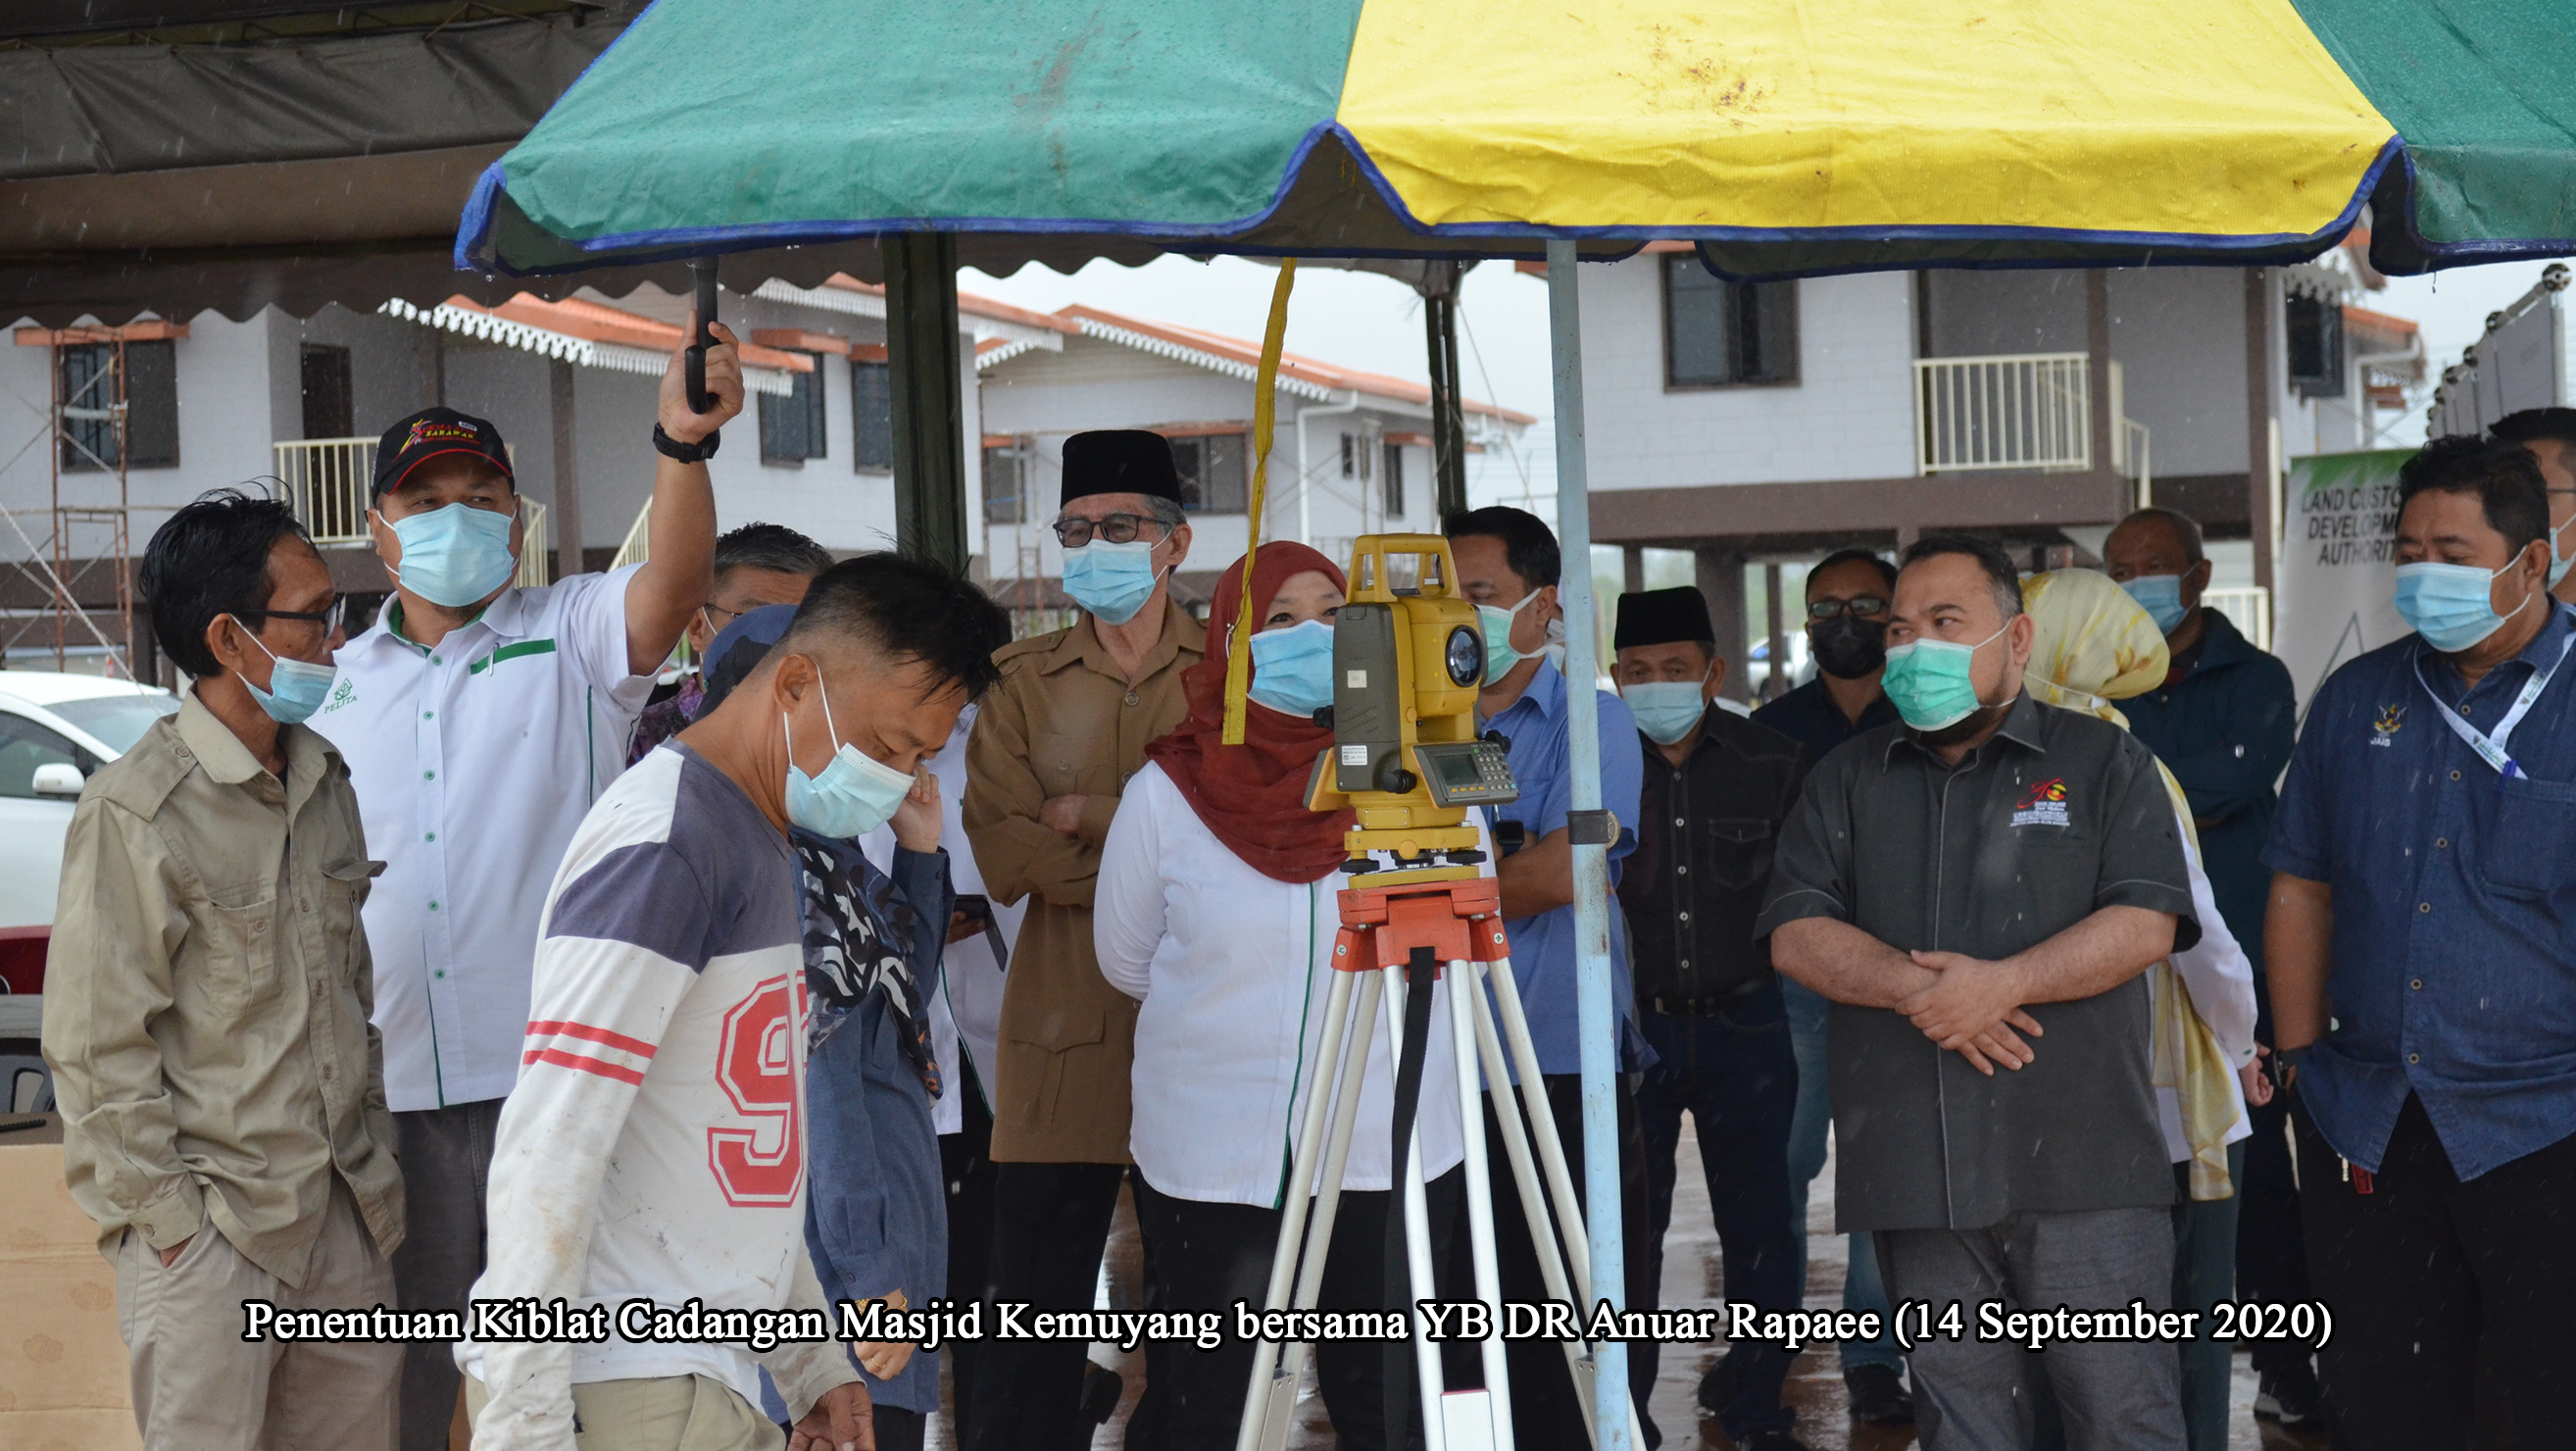 016 Penentuan Kiblat Cadangan Masjid Kem